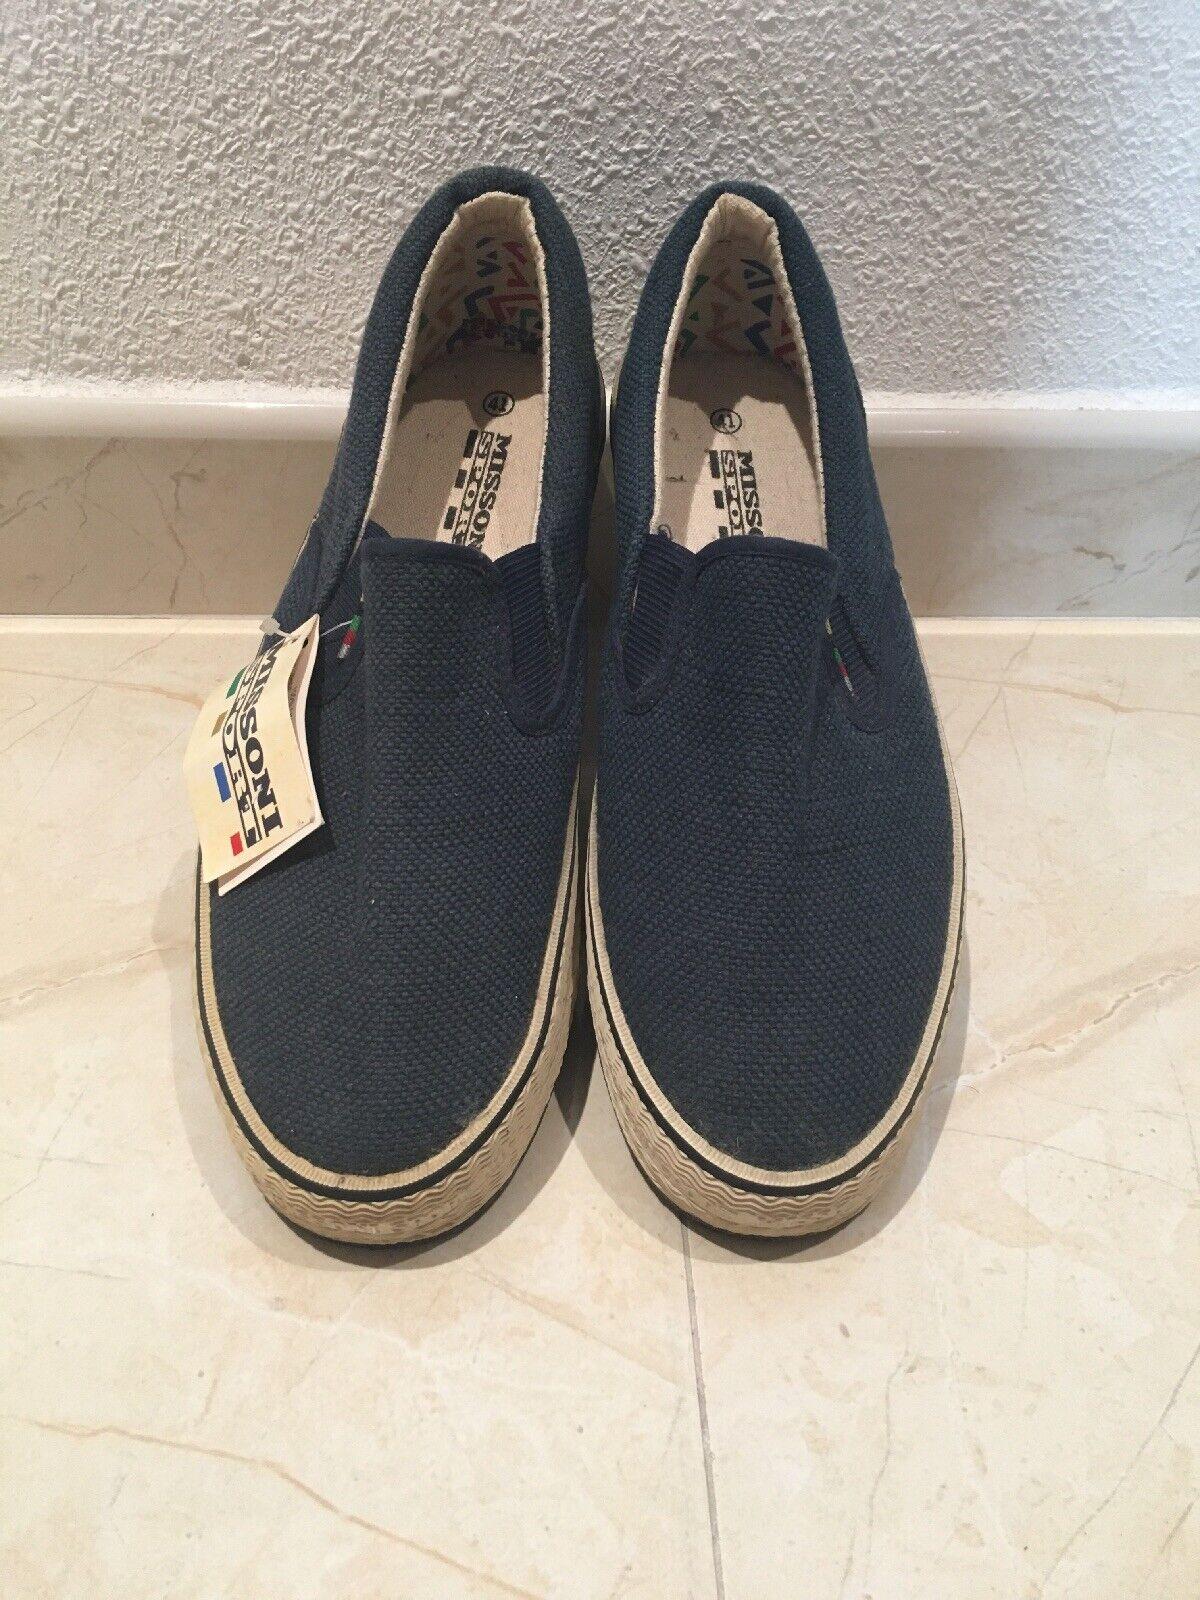 Missoni Sport Vintage Slipons Sneakers; Late 70's Early 80's